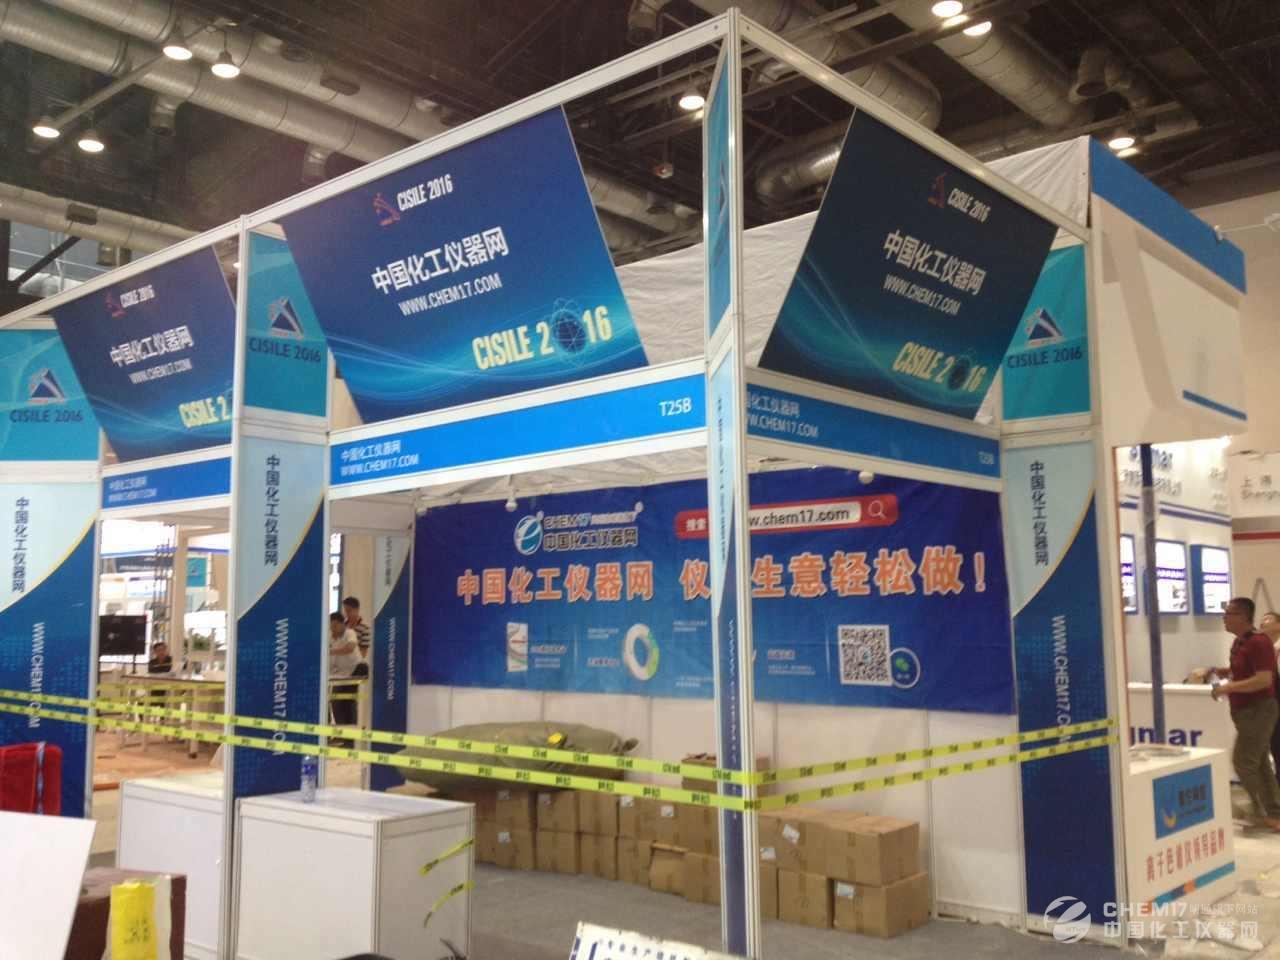 中国化工仪器网将参展第十五届科学仪器展CISILE 2017